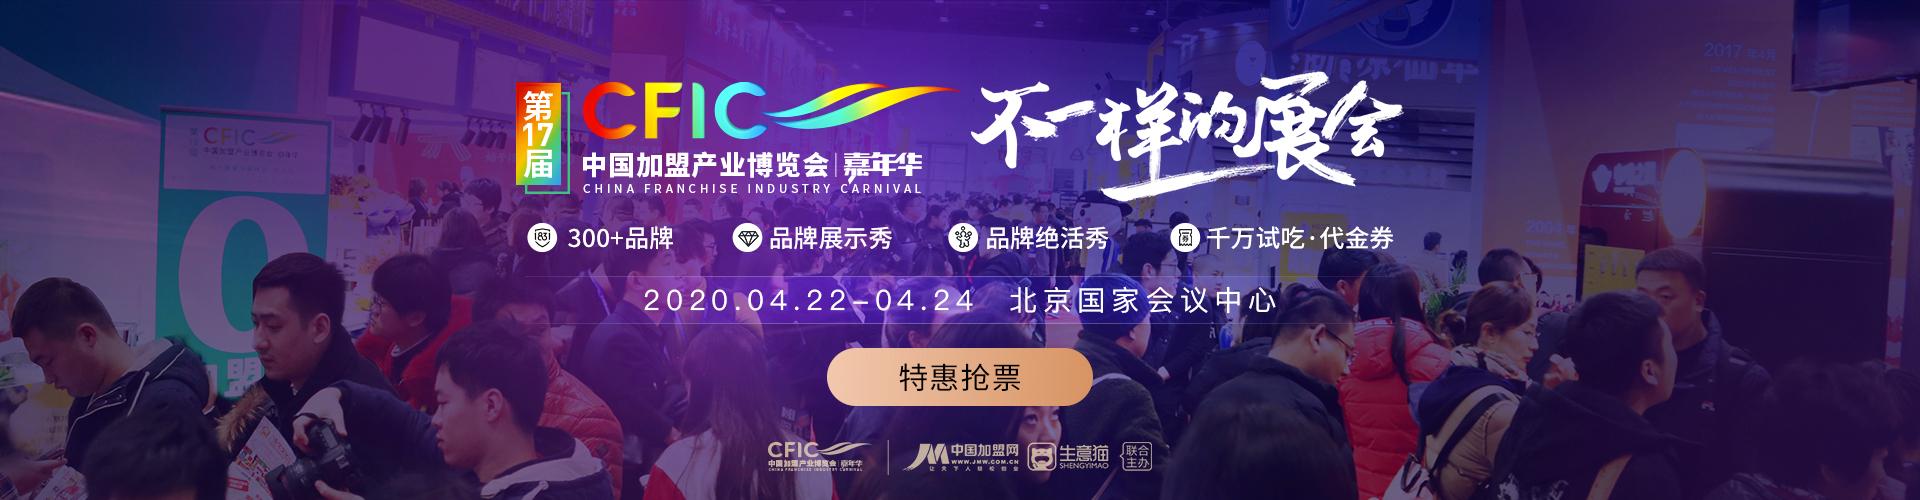 第17届中国加盟产业博览会-嘉年华-不一样的展会